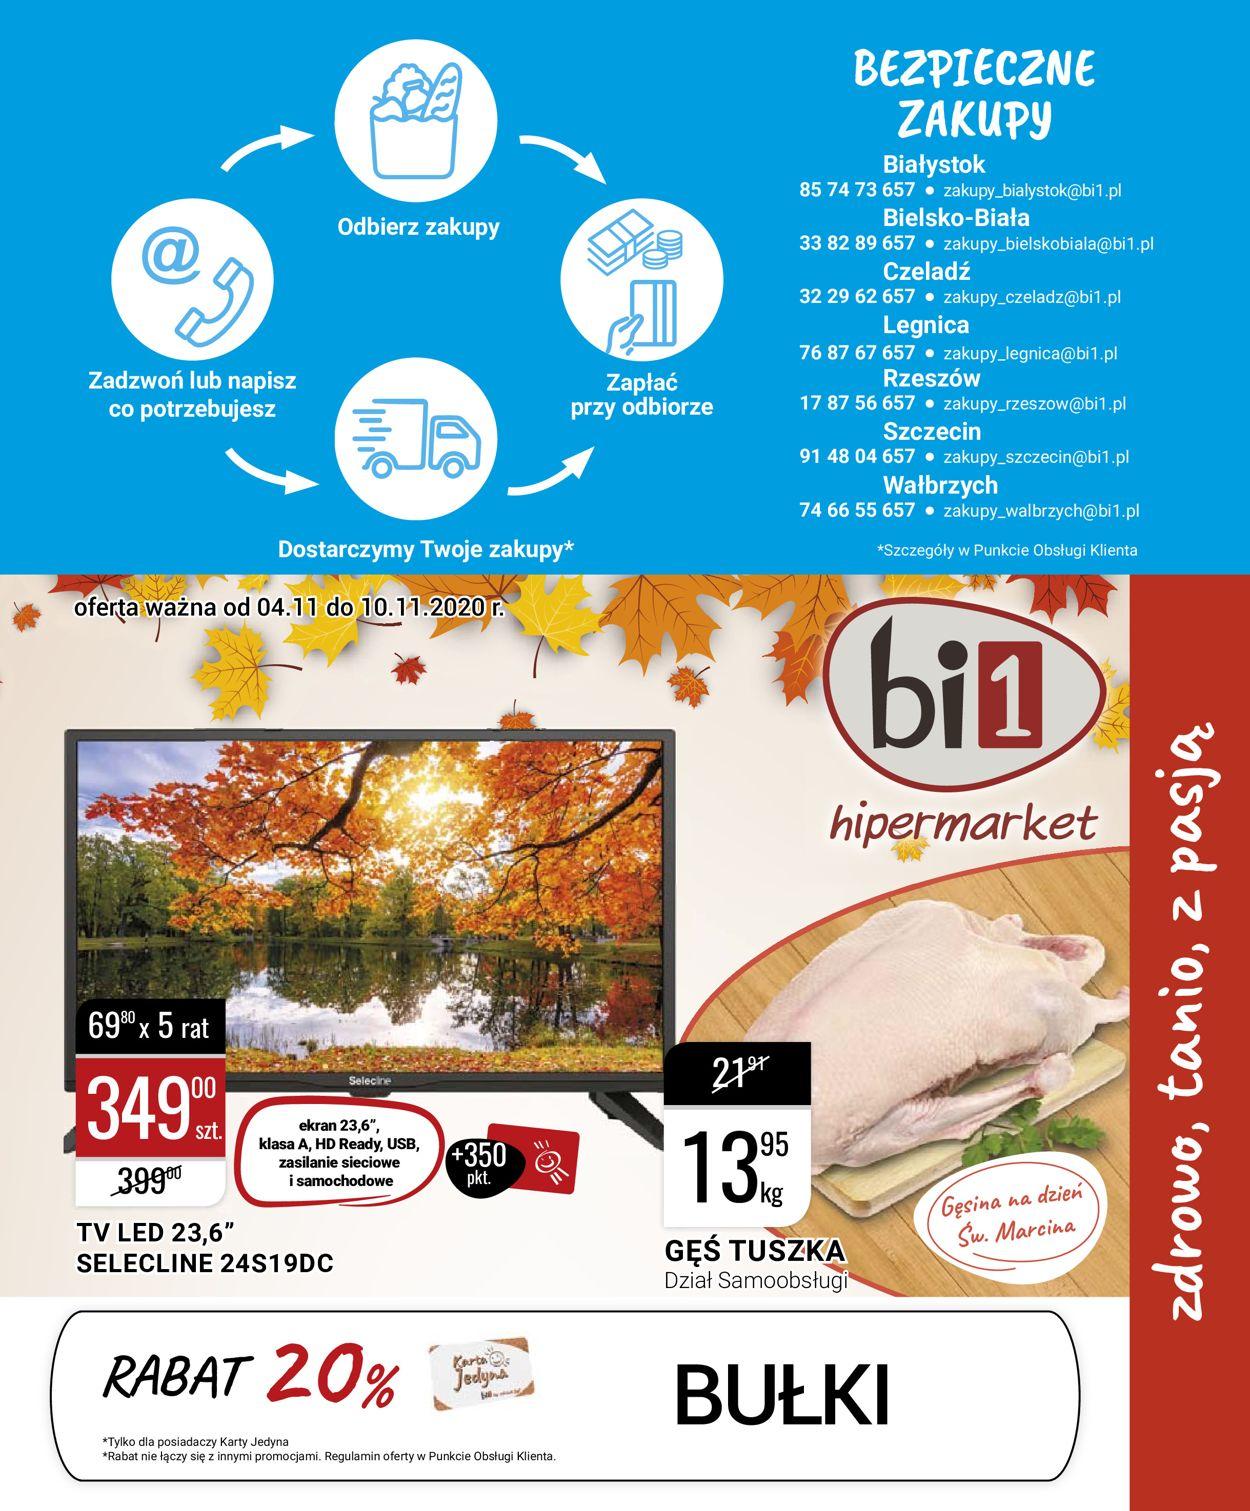 Gazetka promocyjna bi1 - 04.11-10.11.2020